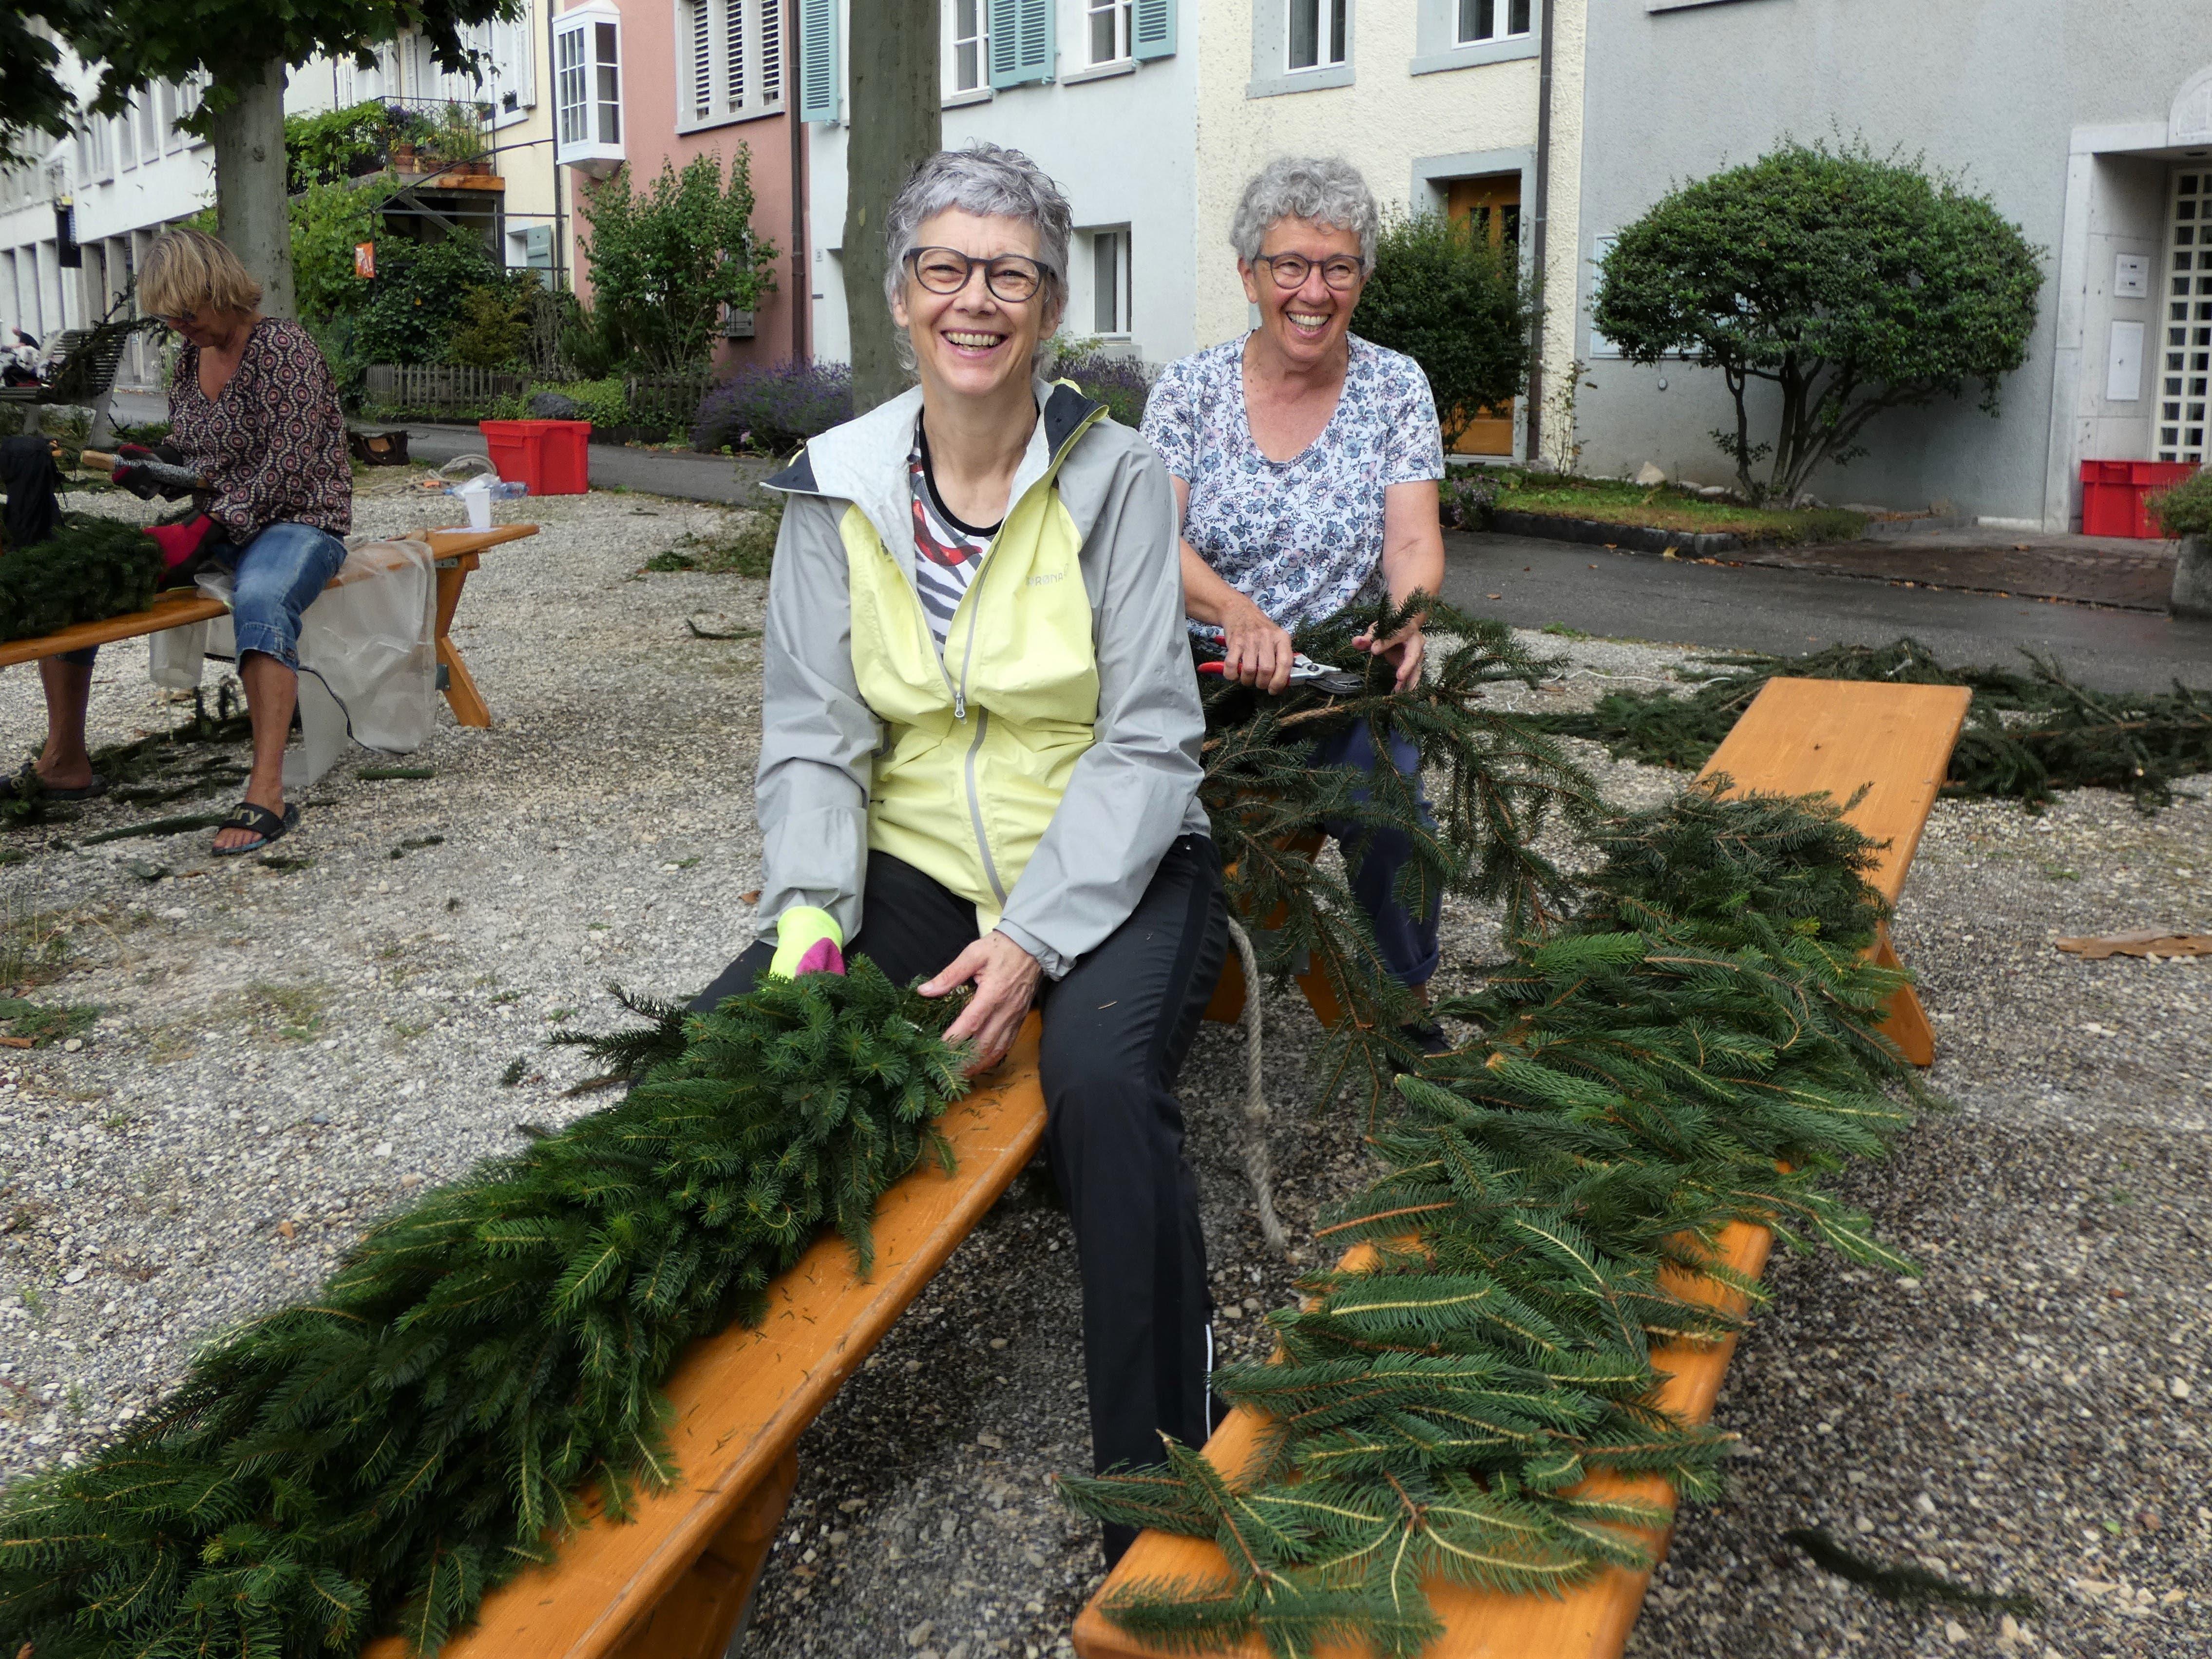 Kränzen für den Jugendfest(t)raum Das Brugger Salzhaus wurde für die Kunst-Installation «Jugendfest(t)raum» in der Büscheliwoche dekoriert. Unter der Leitung von Barbara Iten halfen rund 40 Freiwillige beim Kränzen.